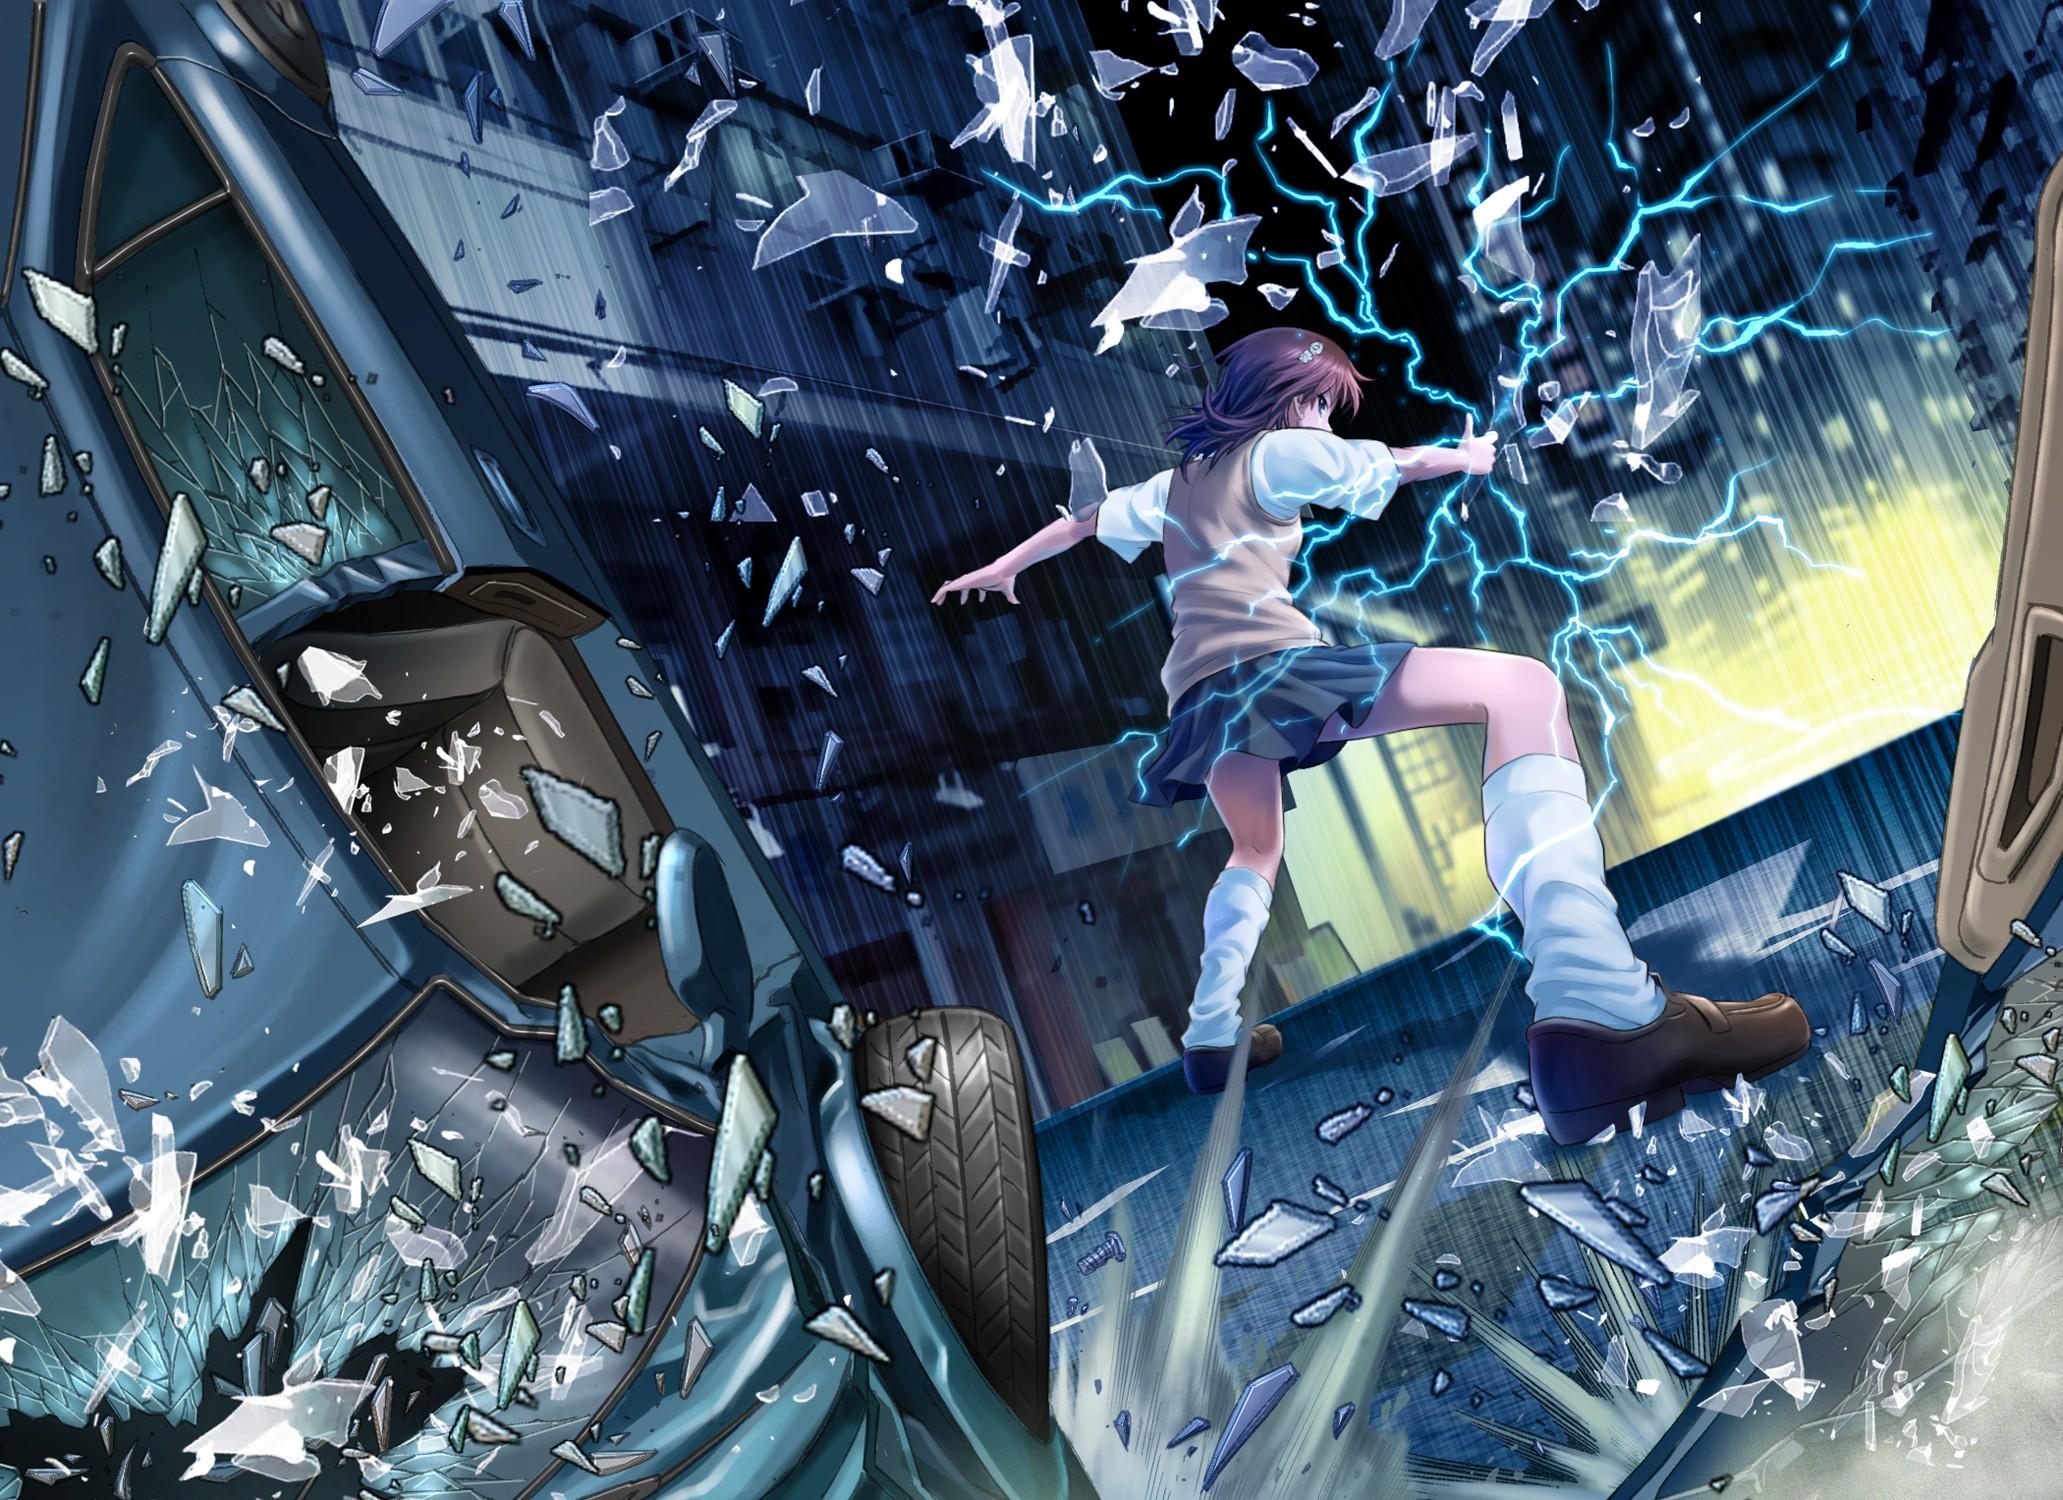 cars_brown_eyes_misaka_mikoto_lightning_to_aru_desktop_2063x1500_hd-wallpaper-1178247.jpg